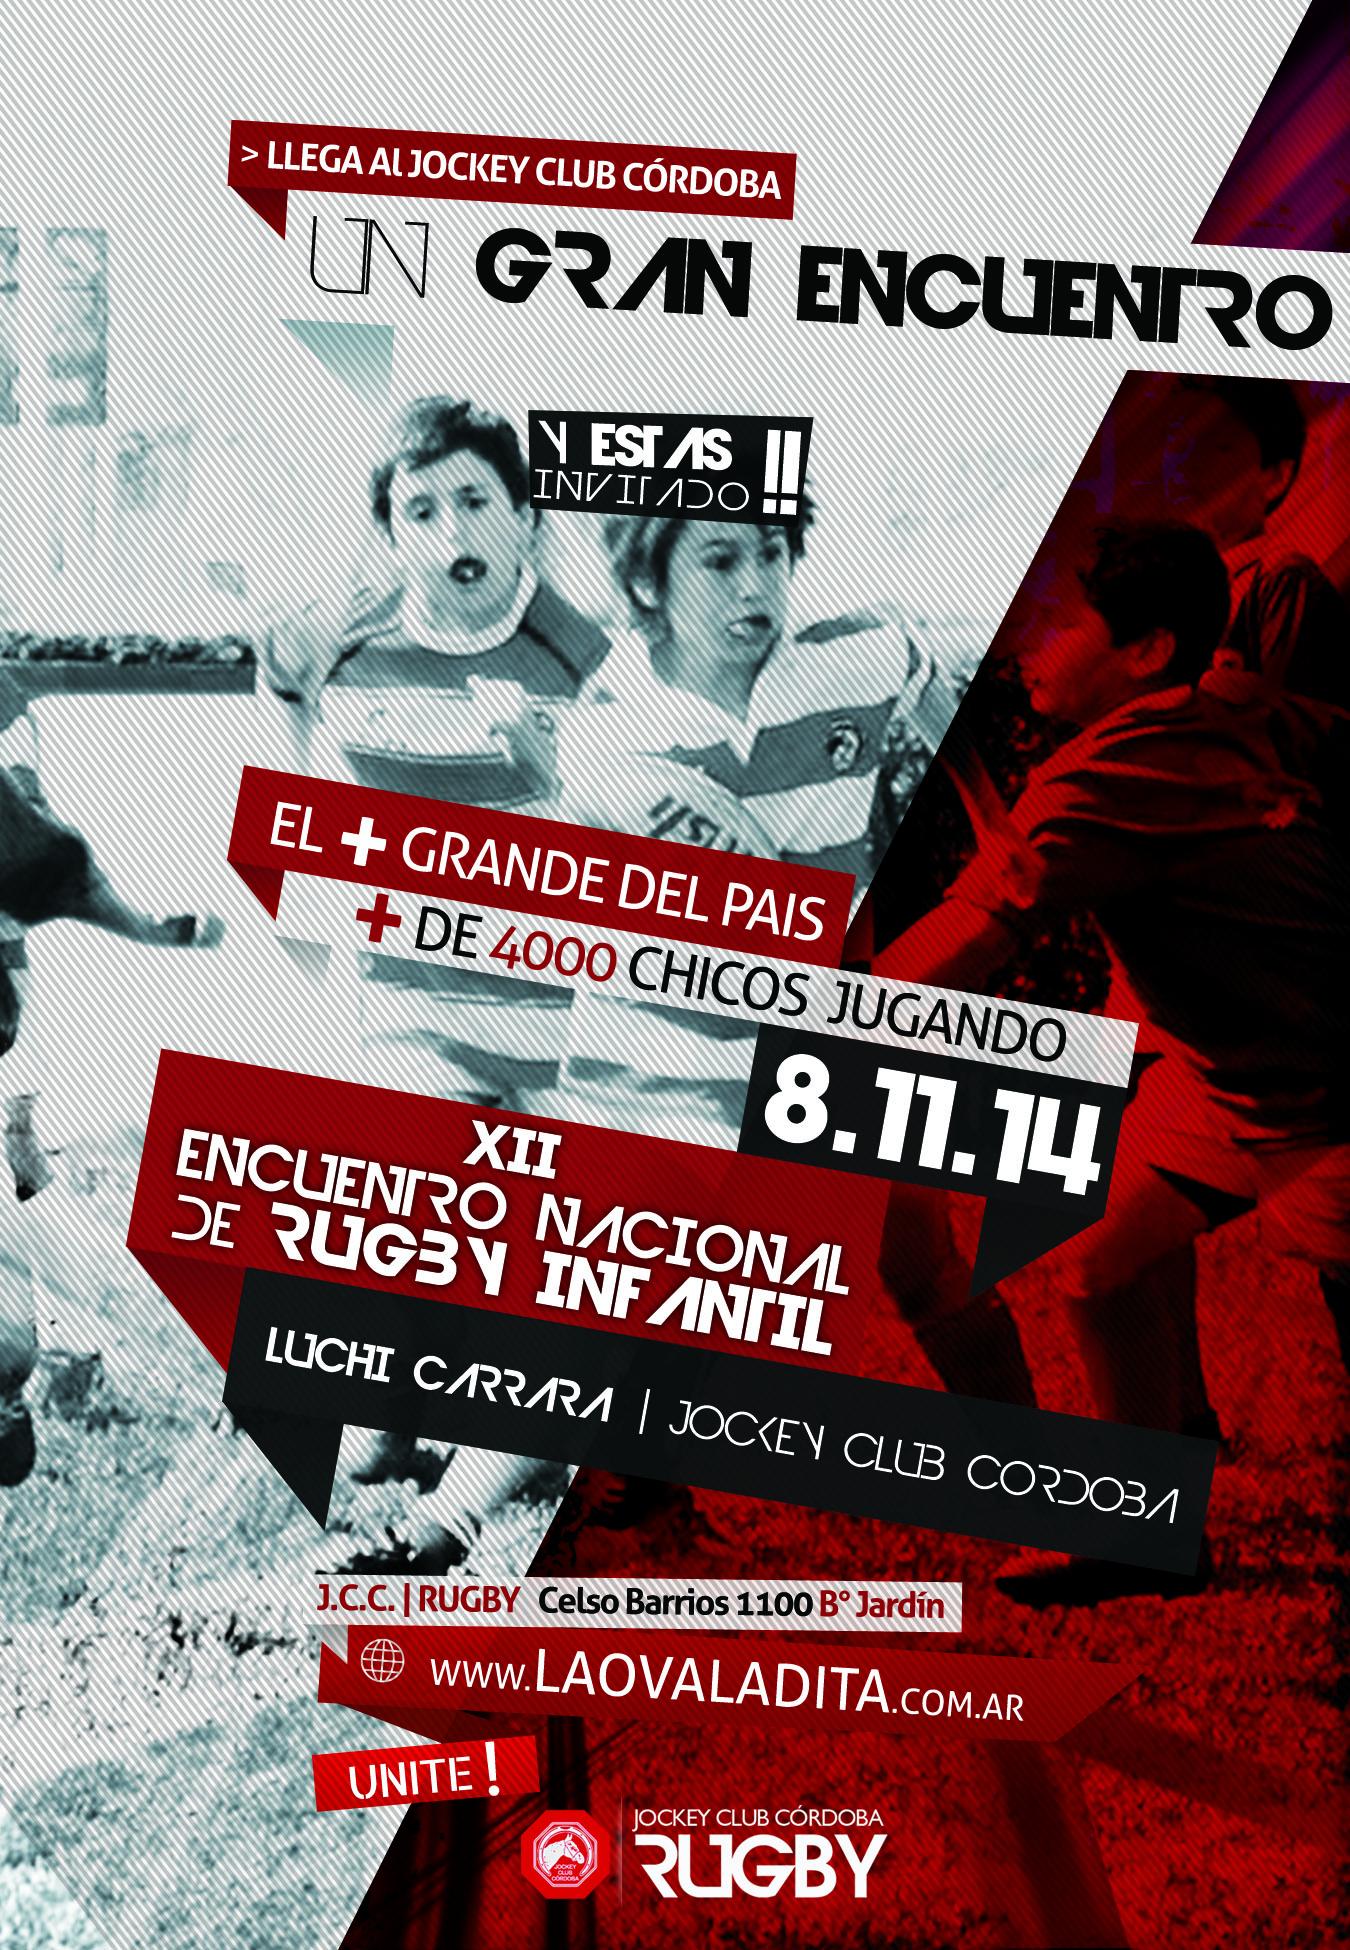 ENCUENTRO-RugbyInfantil-Nov-2014